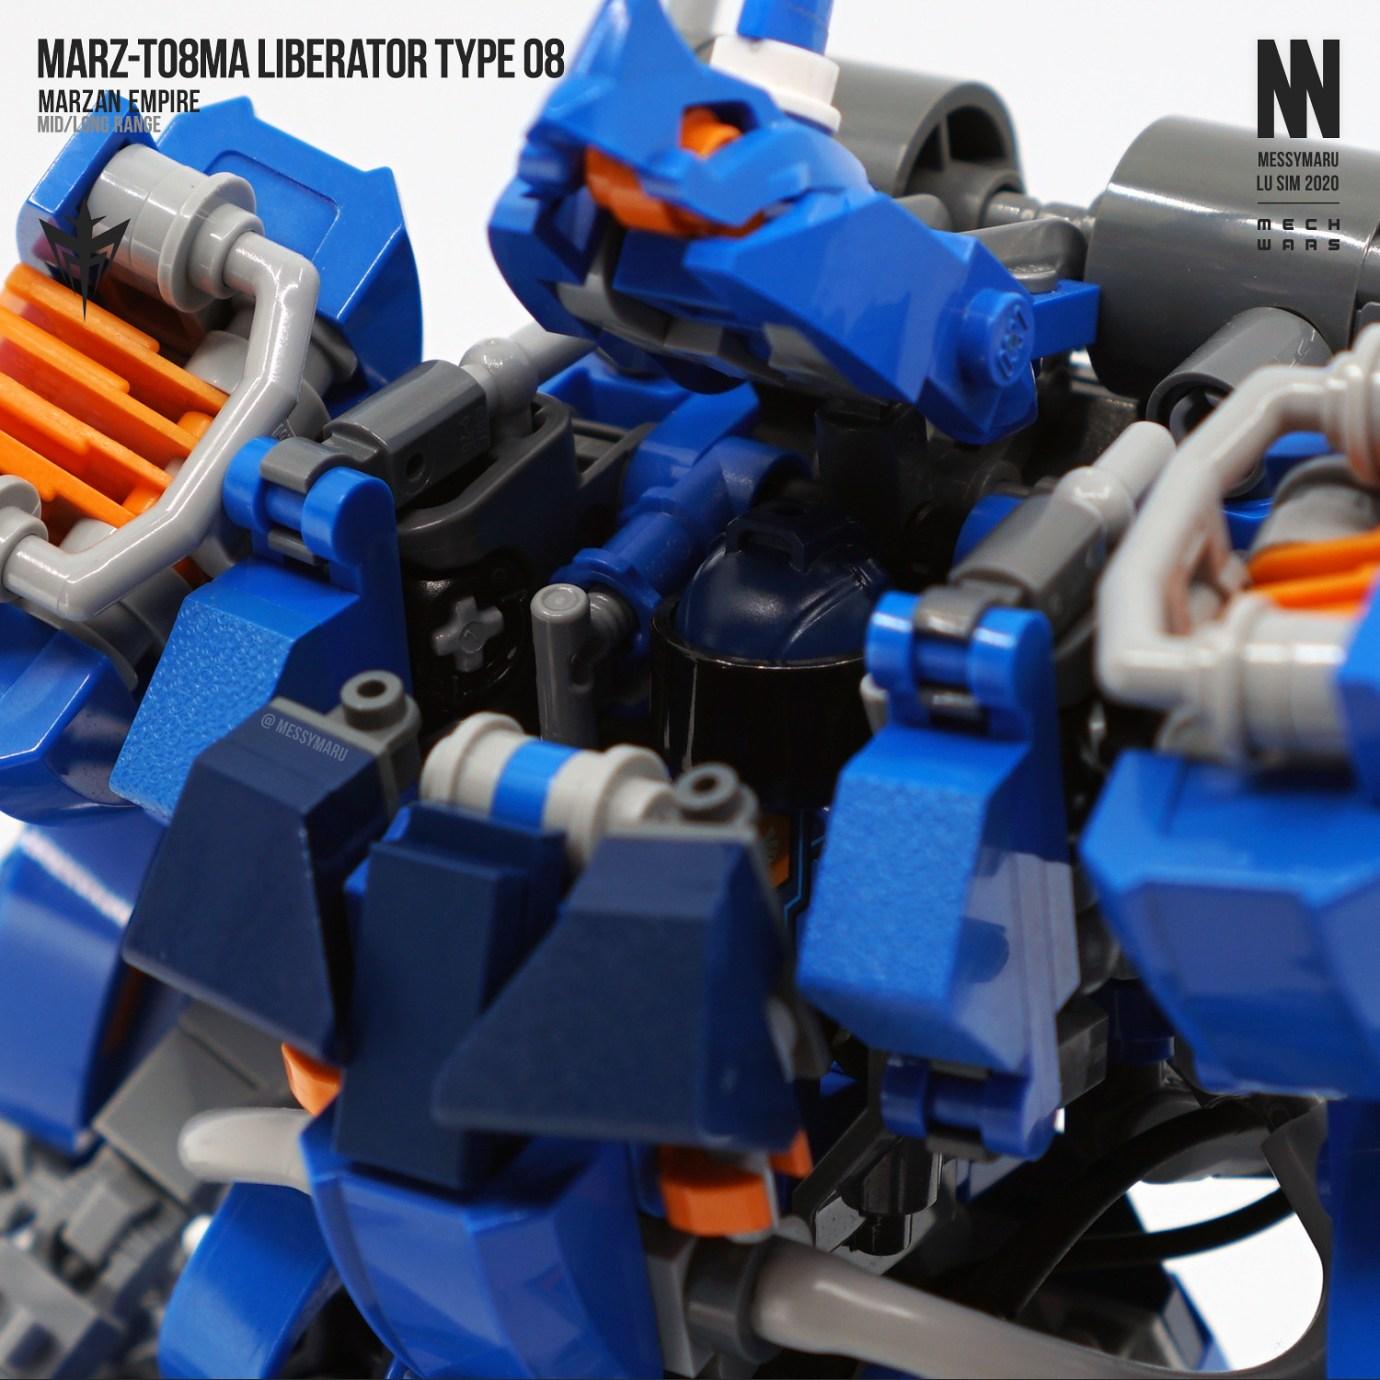 MARZ-T08MA Liberator Type 08